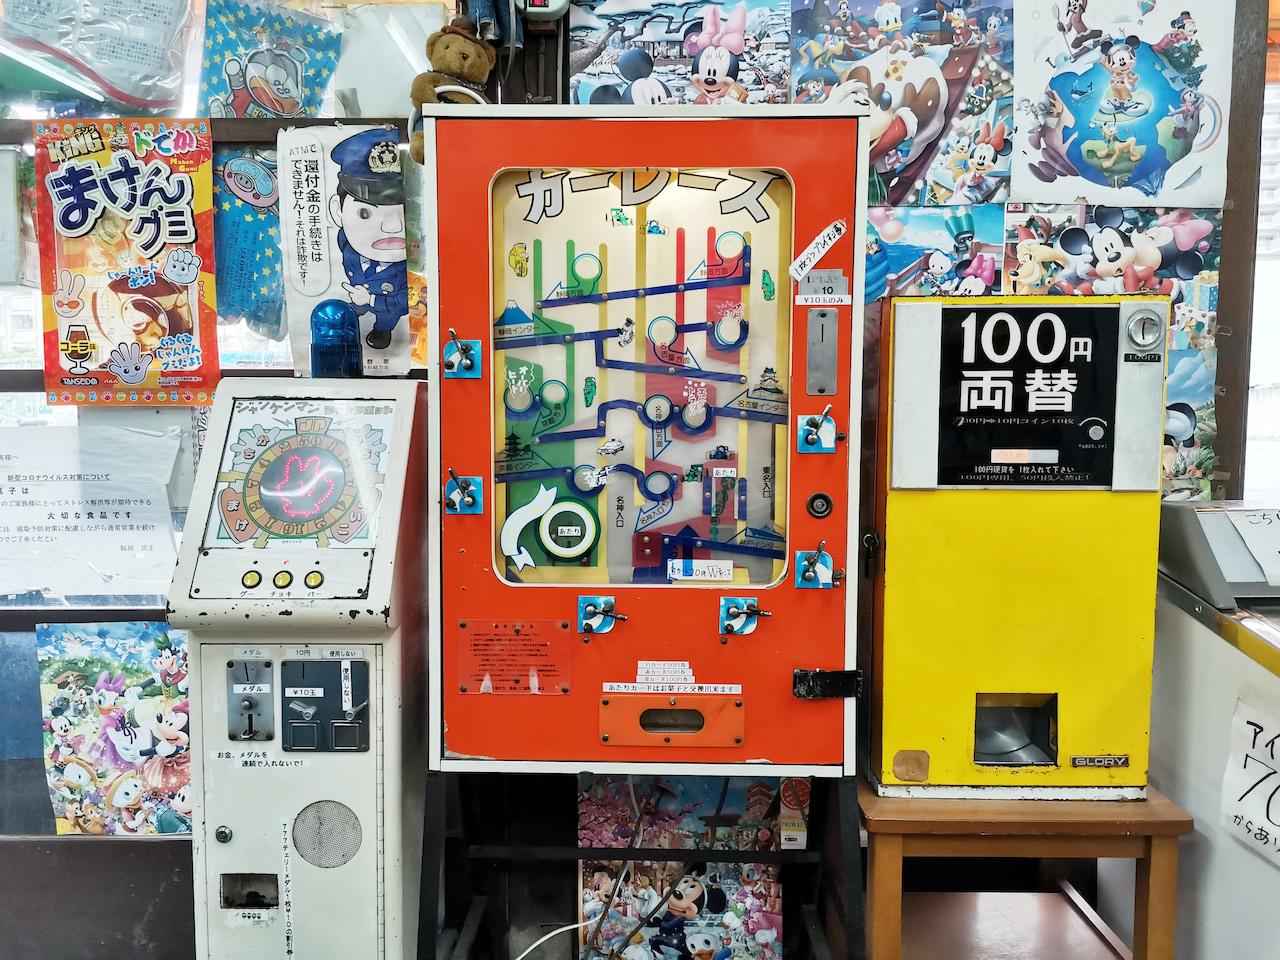 いながきの駄菓子屋探訪50埼玉県さいたま市福屋9